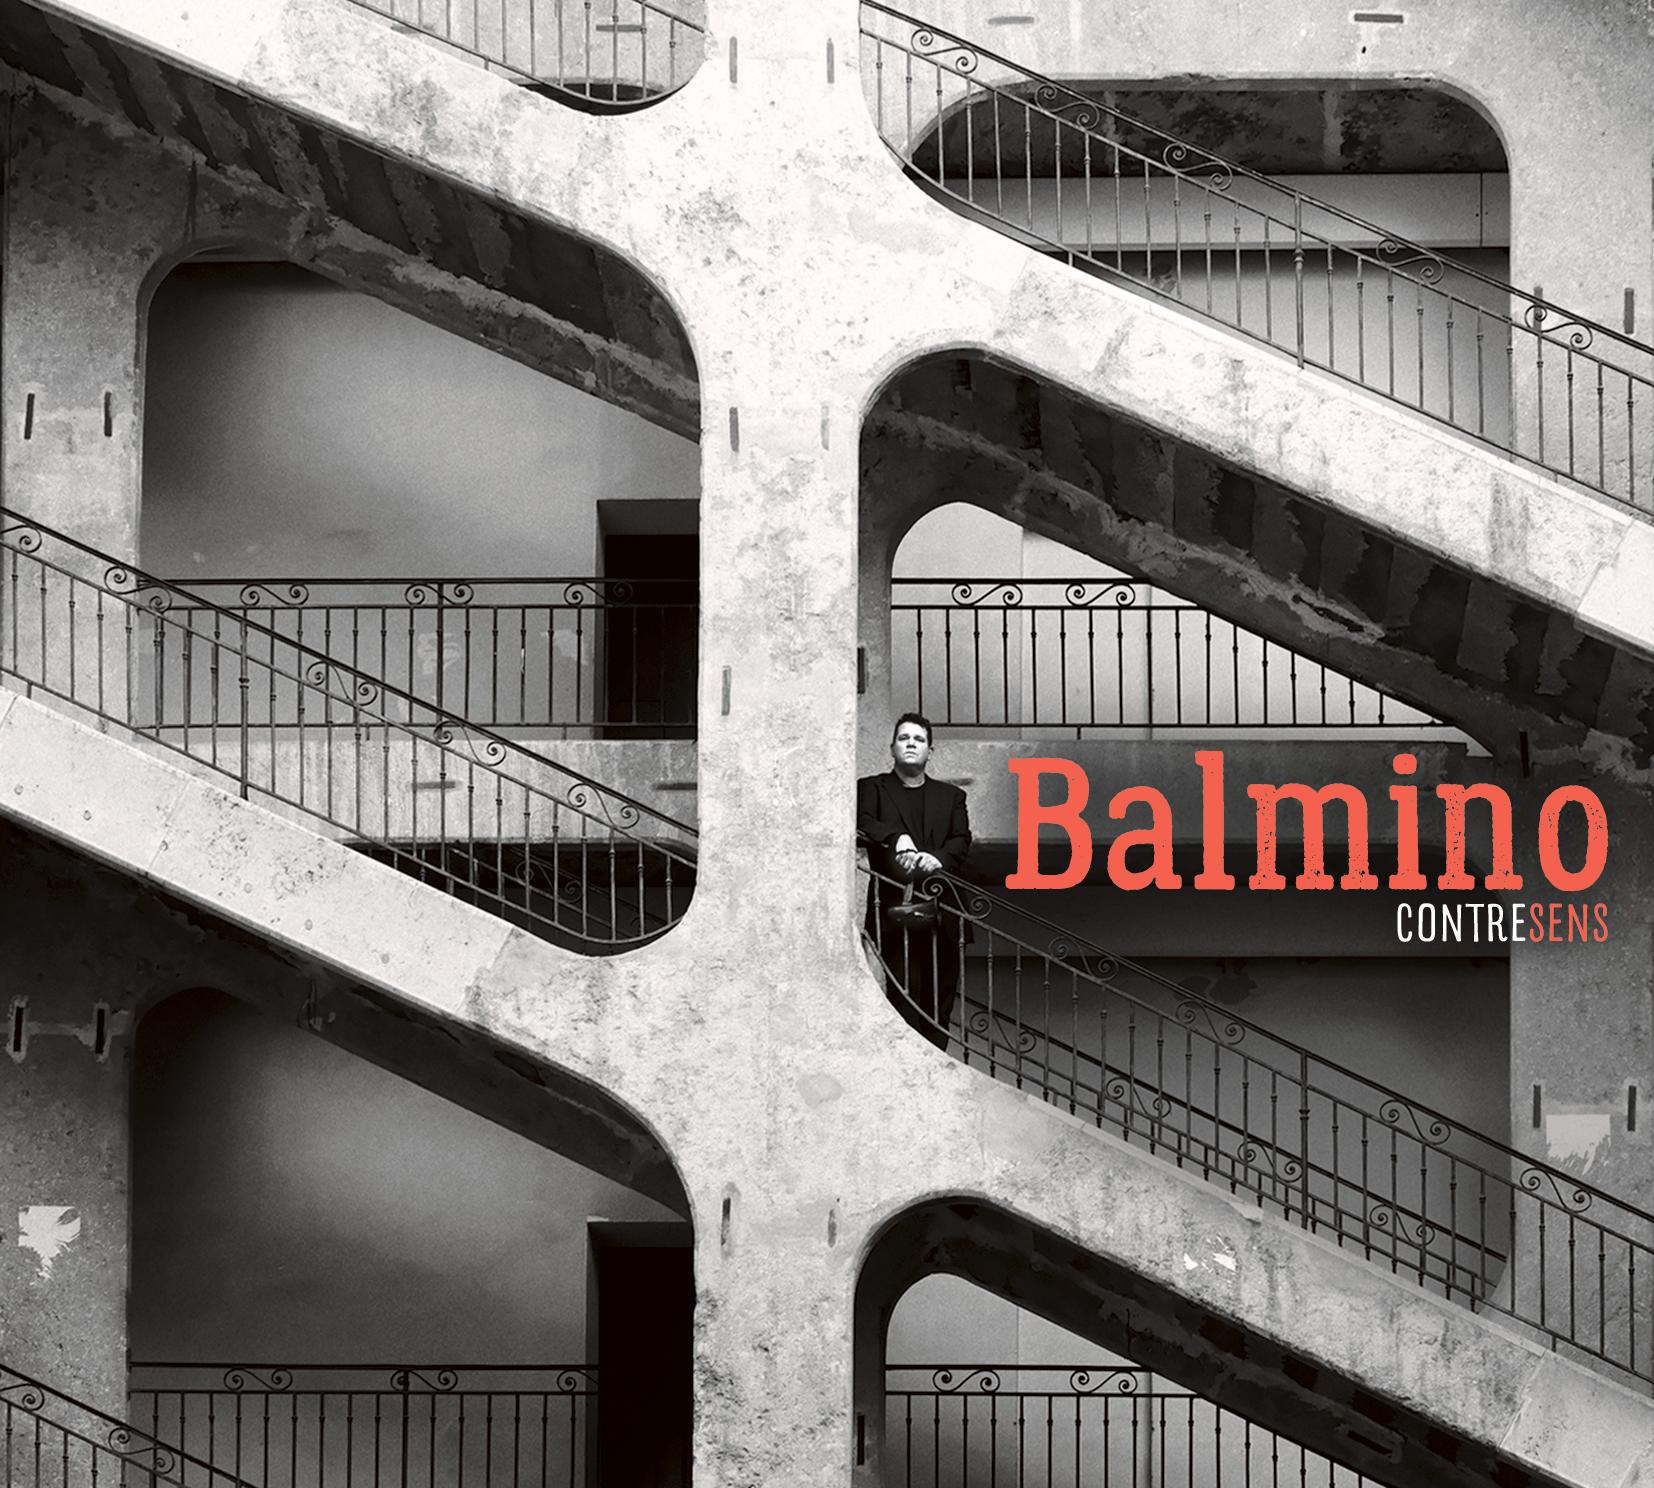 Couv-Balmino-2